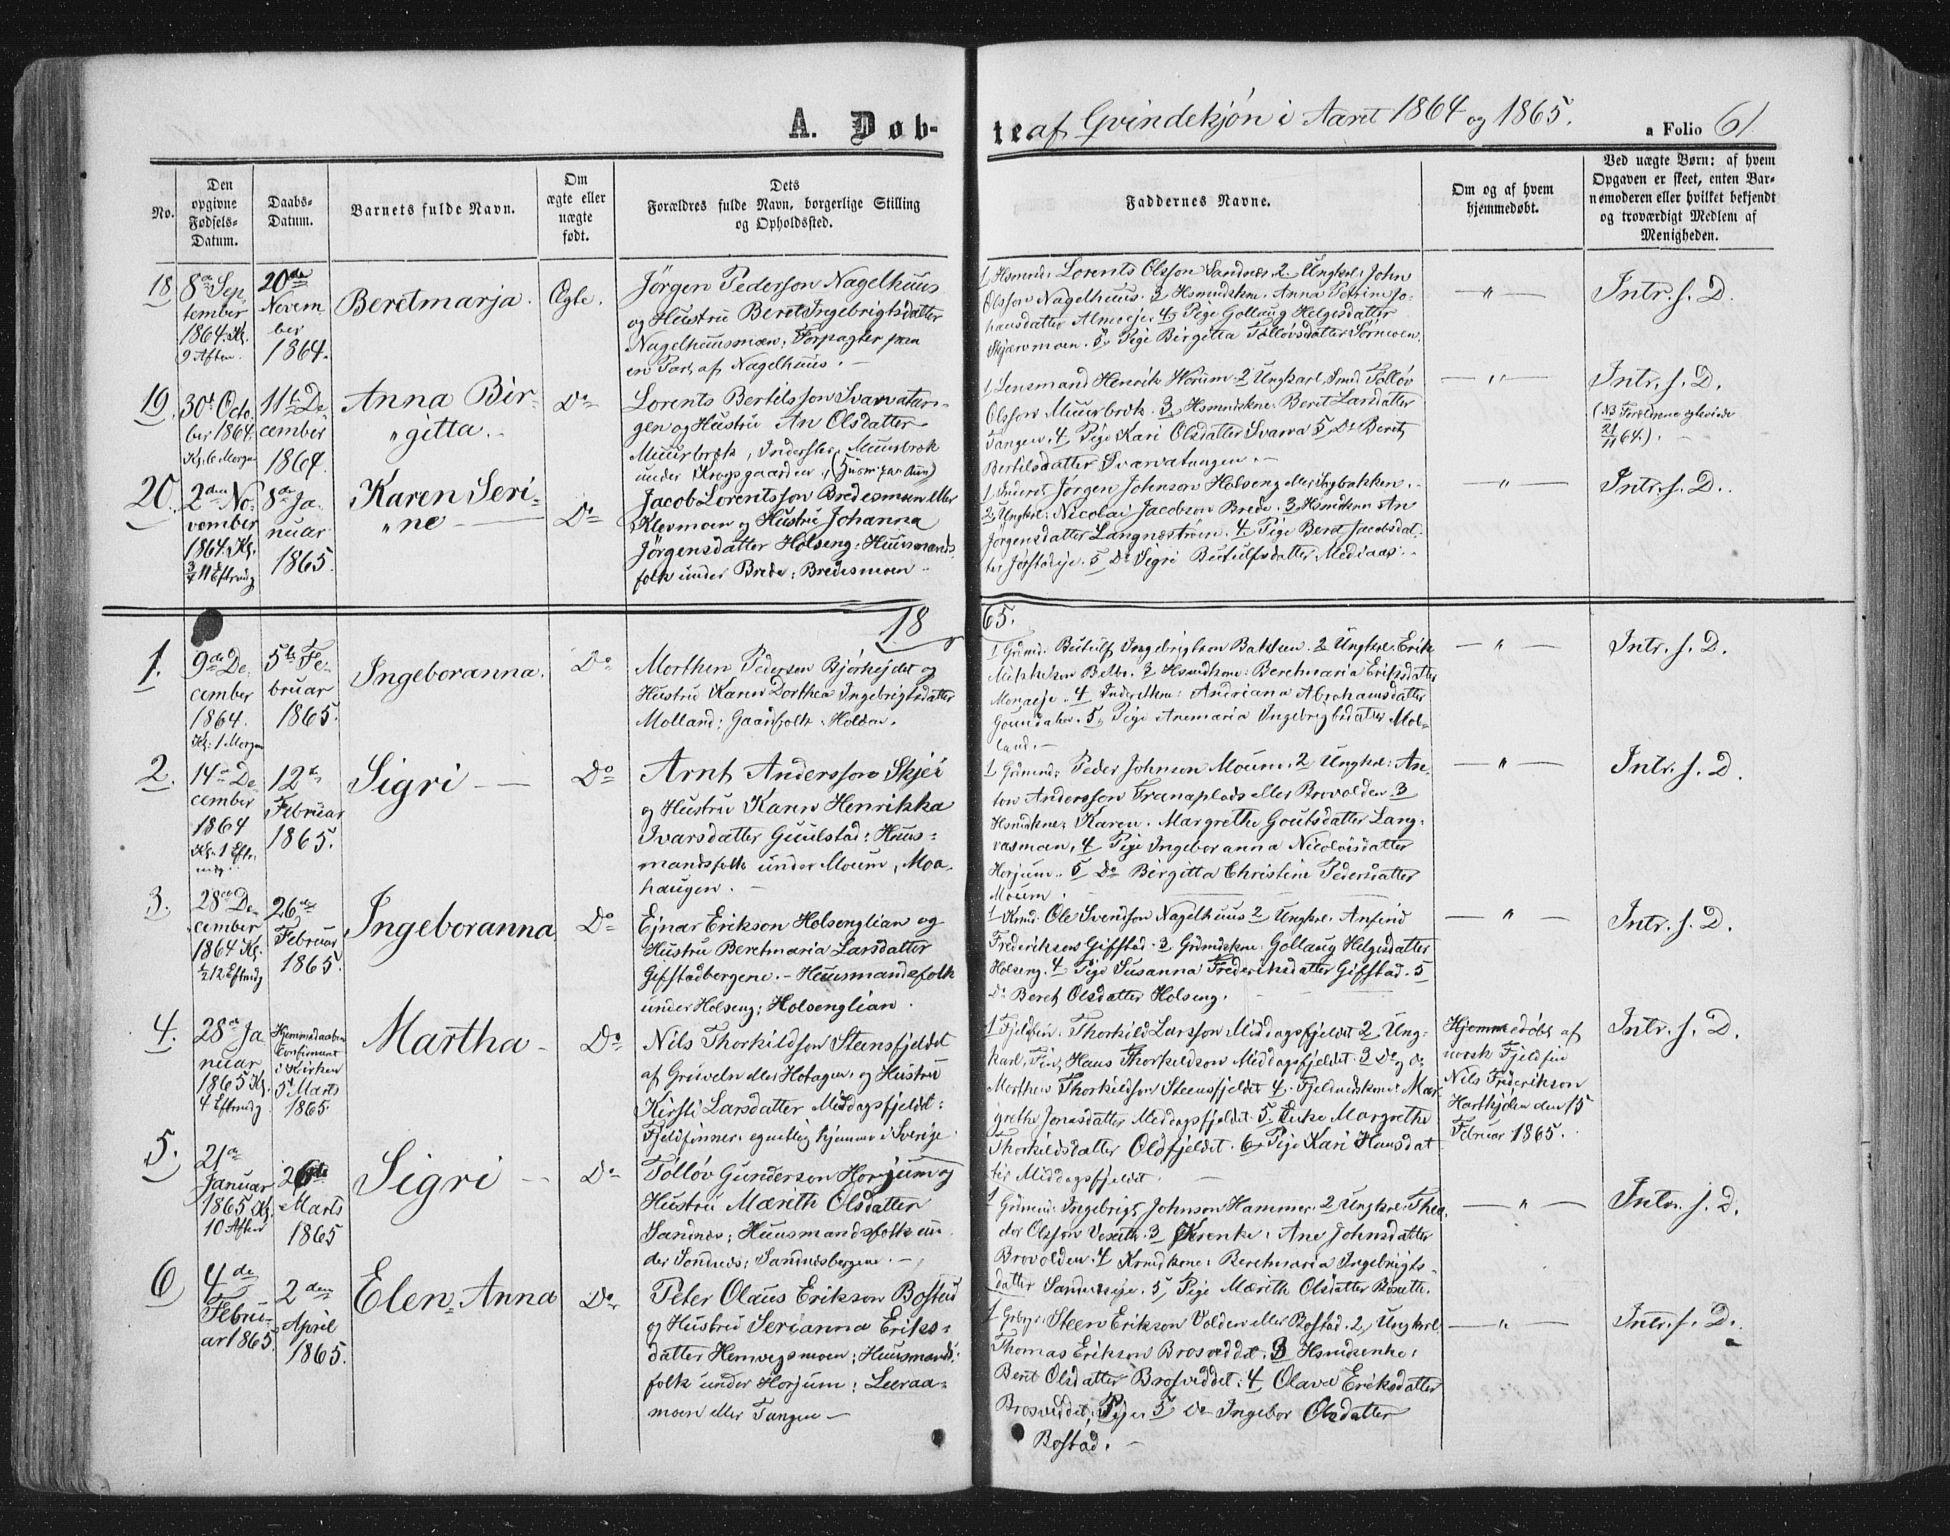 SAT, Ministerialprotokoller, klokkerbøker og fødselsregistre - Nord-Trøndelag, 749/L0472: Ministerialbok nr. 749A06, 1857-1873, s. 61